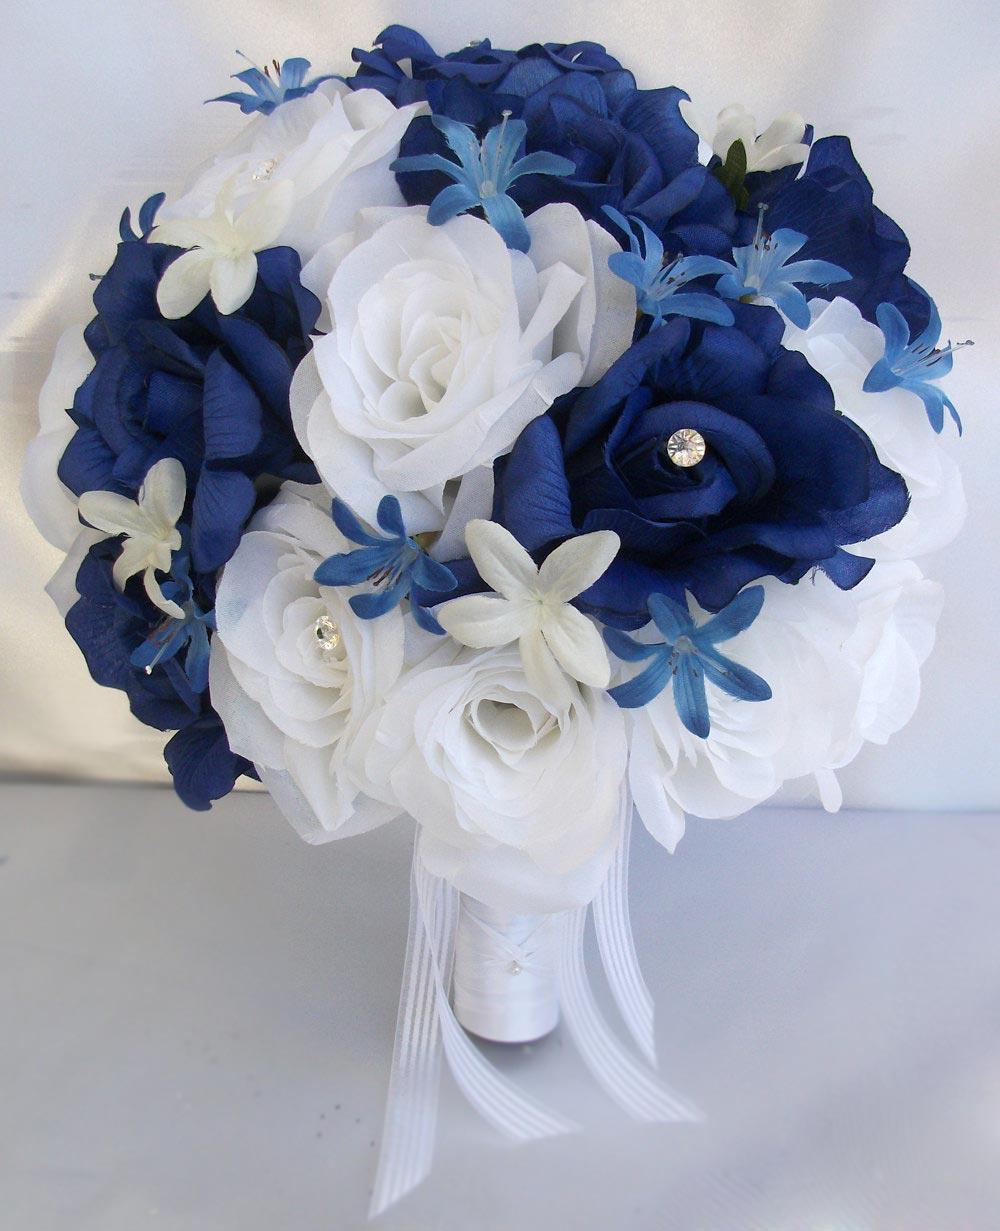 Bó hoa hồng xanh giả đẹp